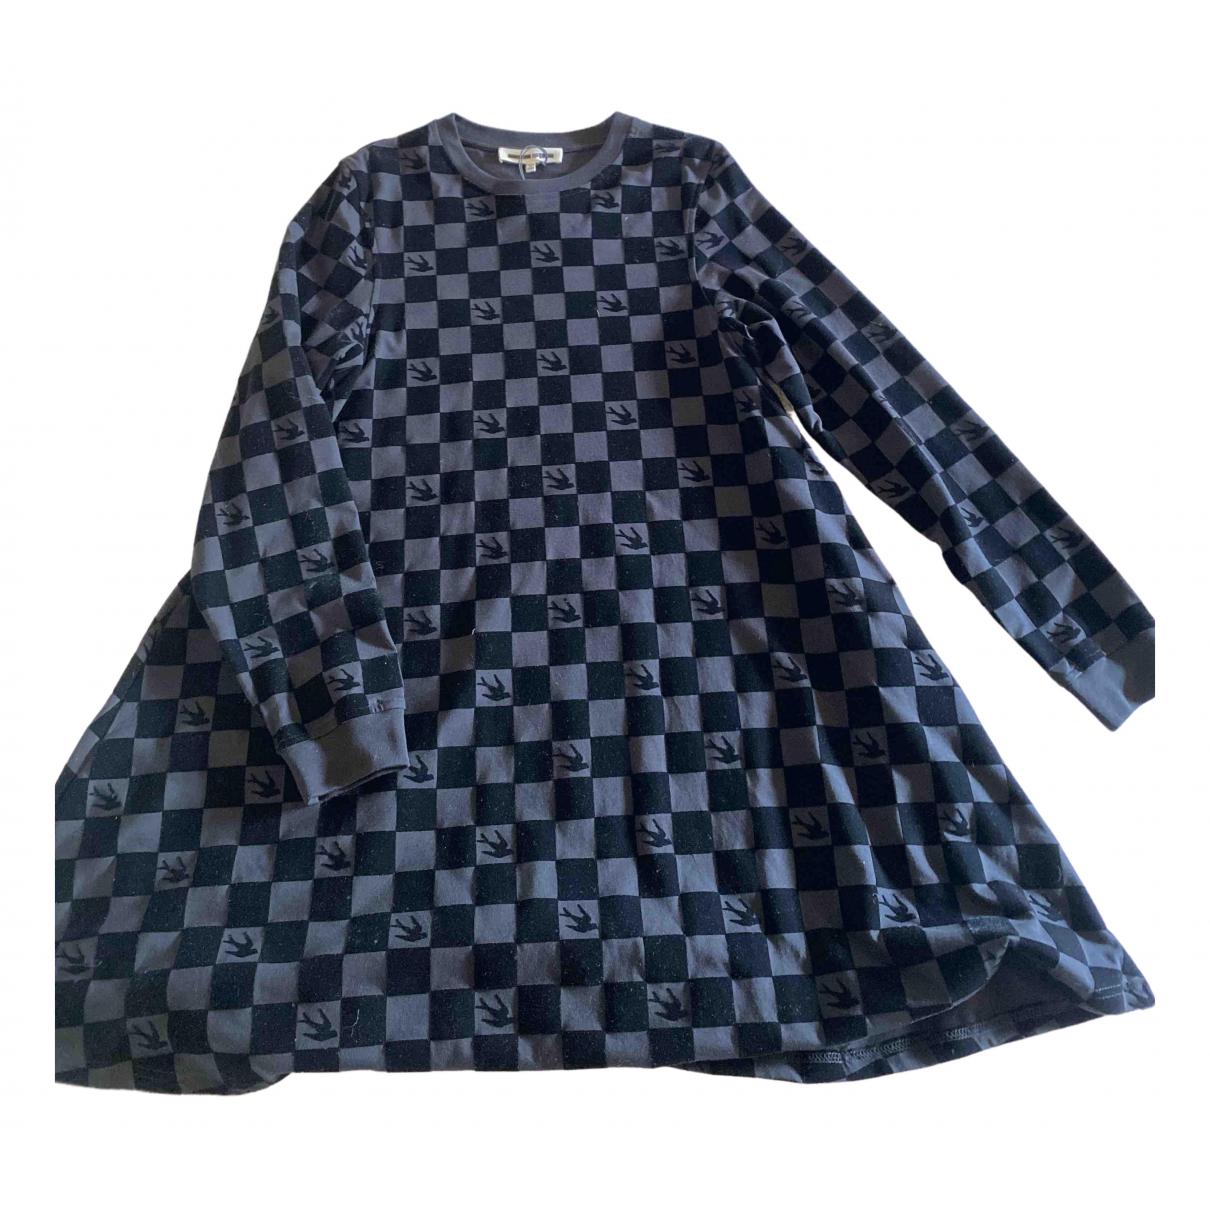 Mcq \N Kleid in  Schwarz Polyester